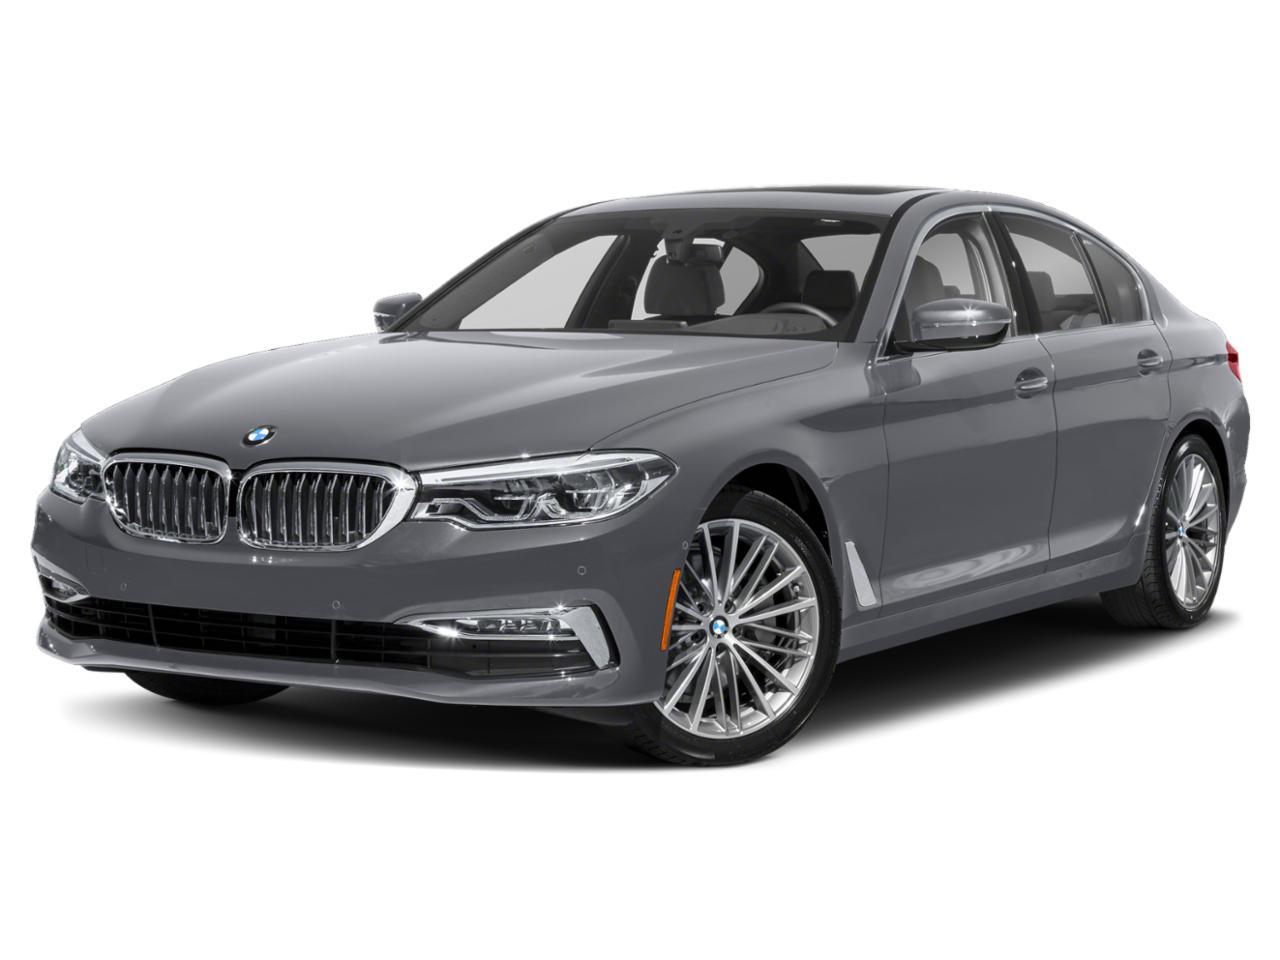 2018 BMW 540i xDrive Vehicle Photo in Pleasanton, CA 94588